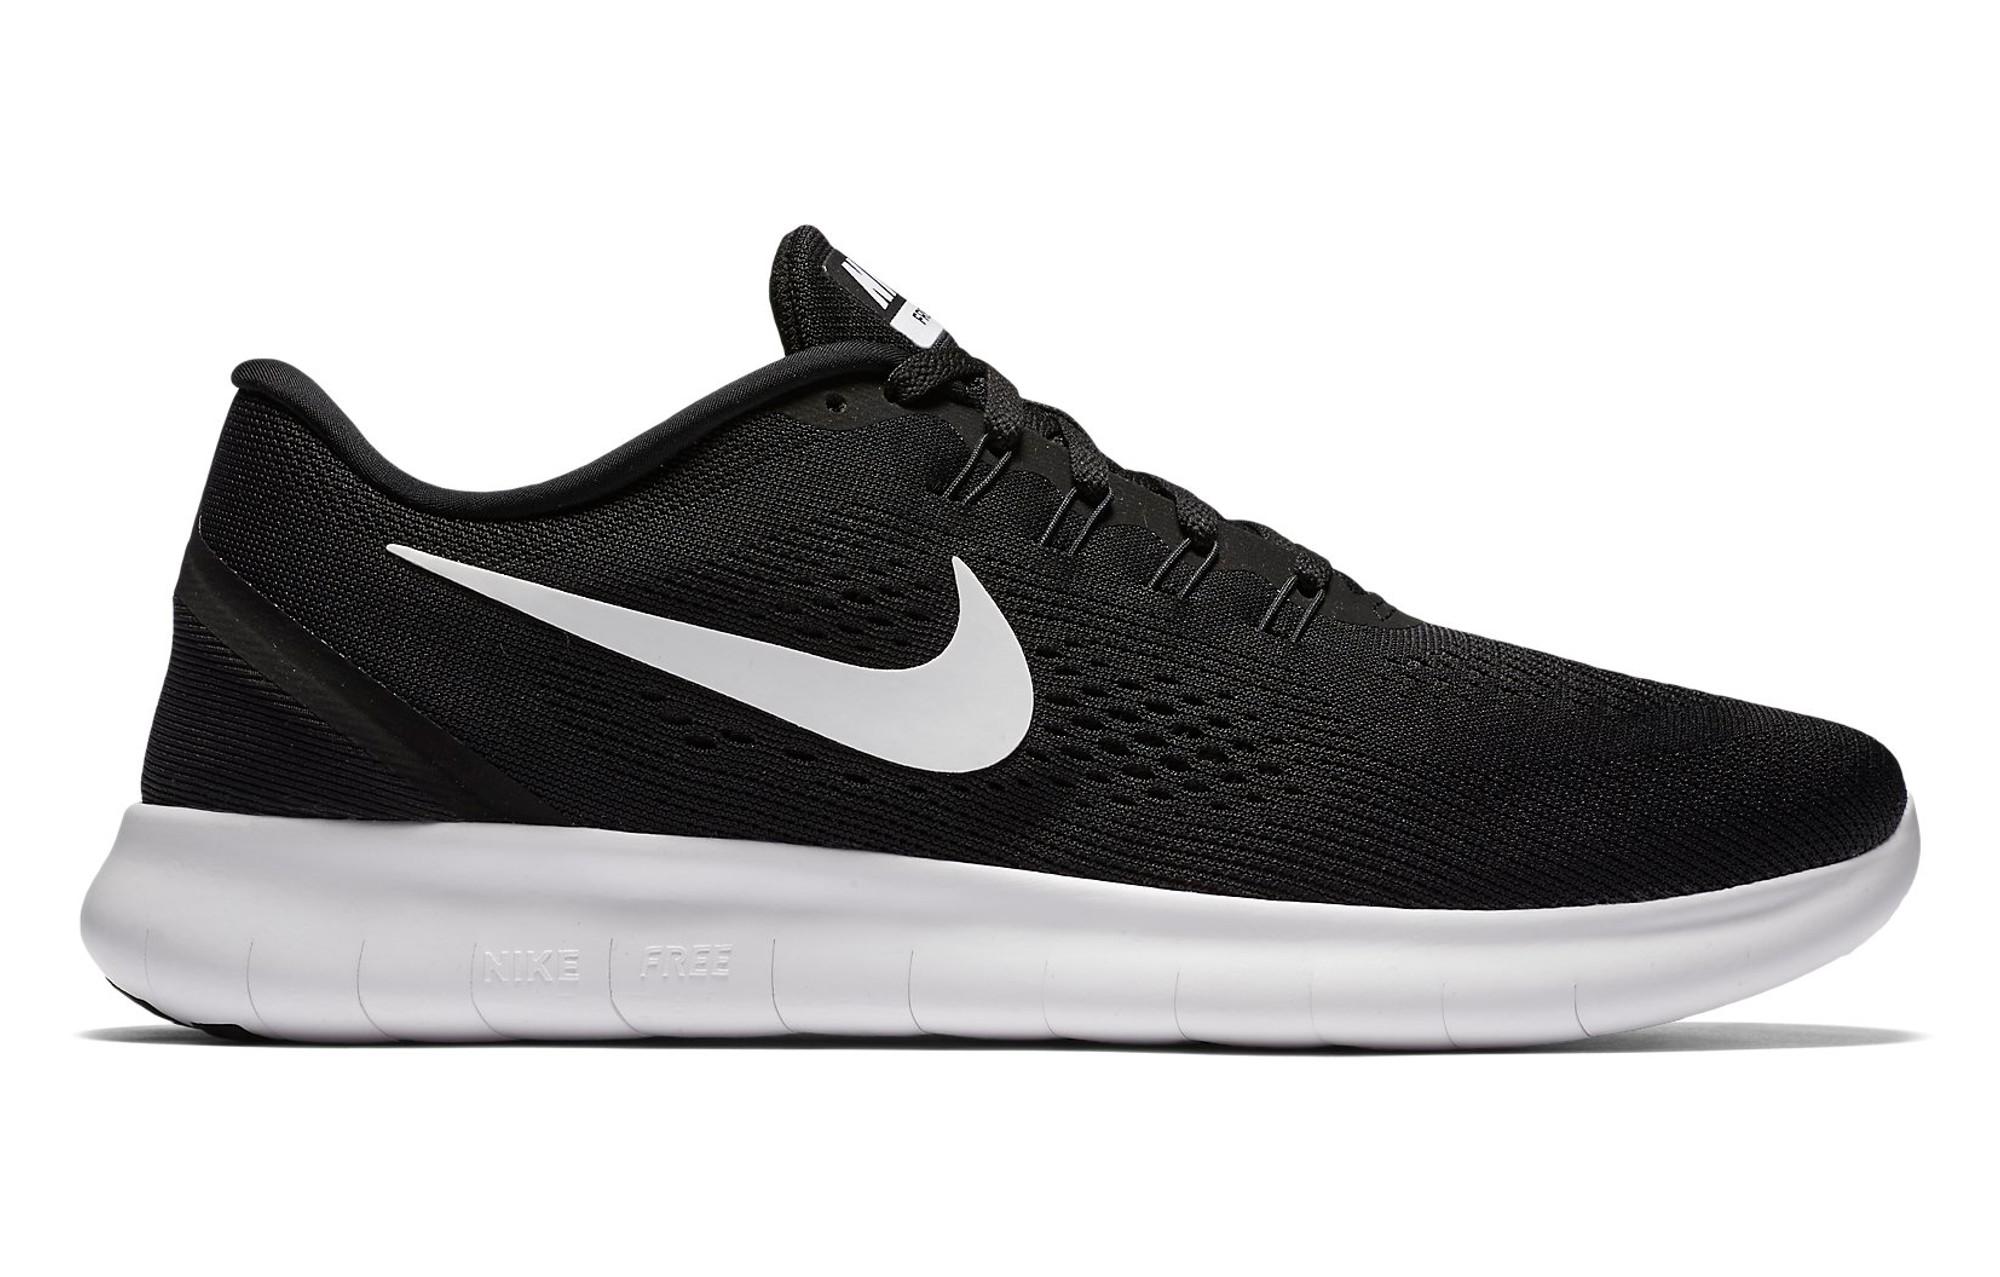 Noir Nike Running Free Chaussures Rn De WfPw1zgx